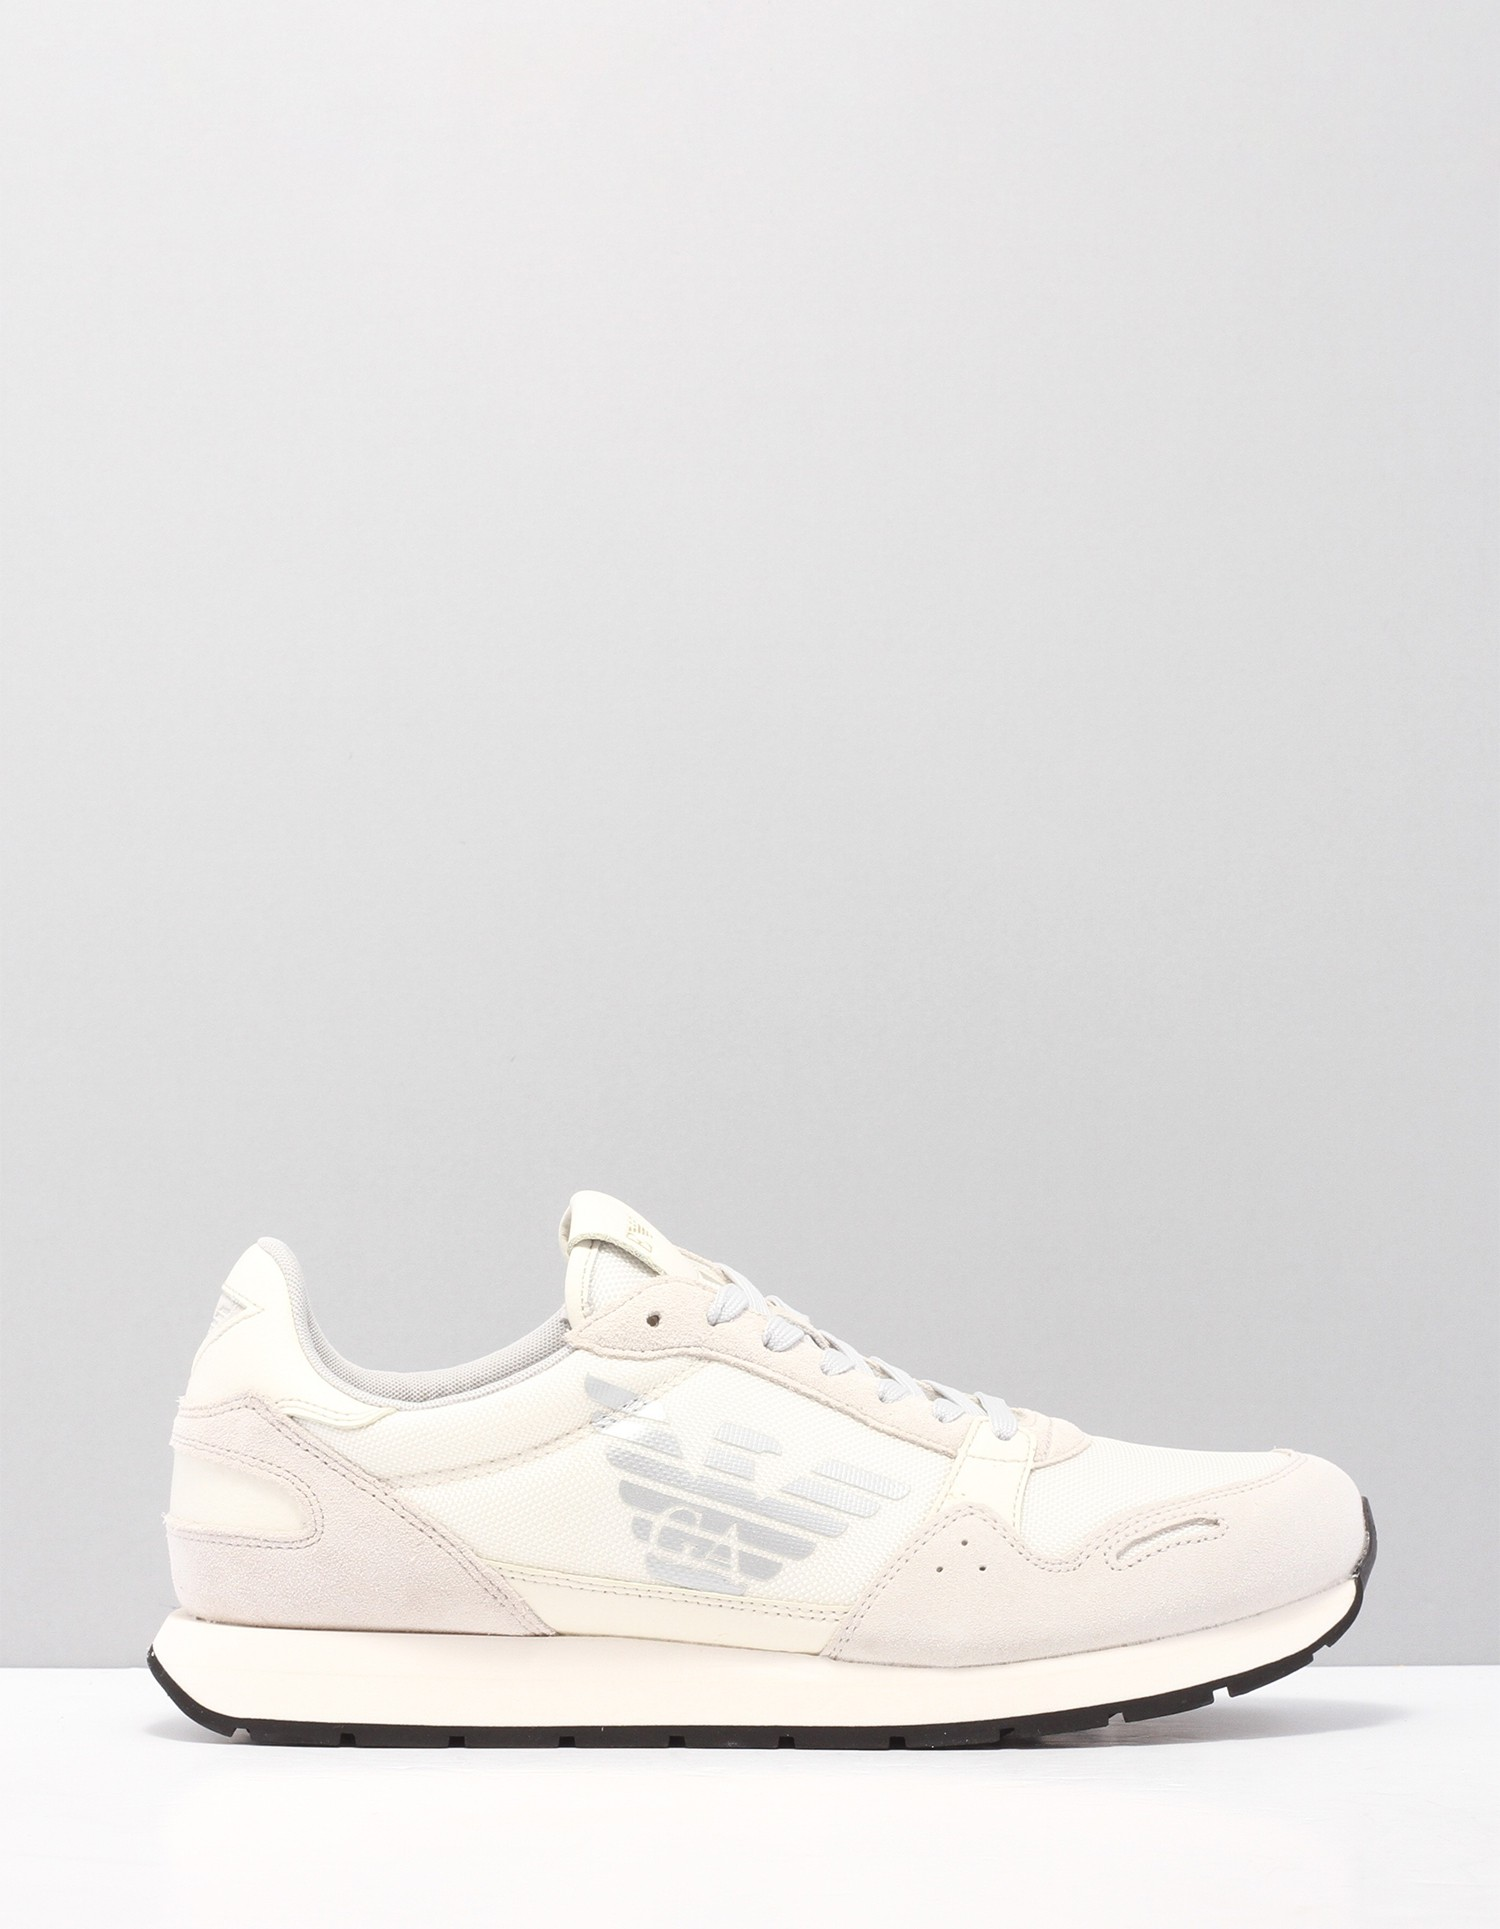 Afbeelding van Armani Jeans Sneakers wit